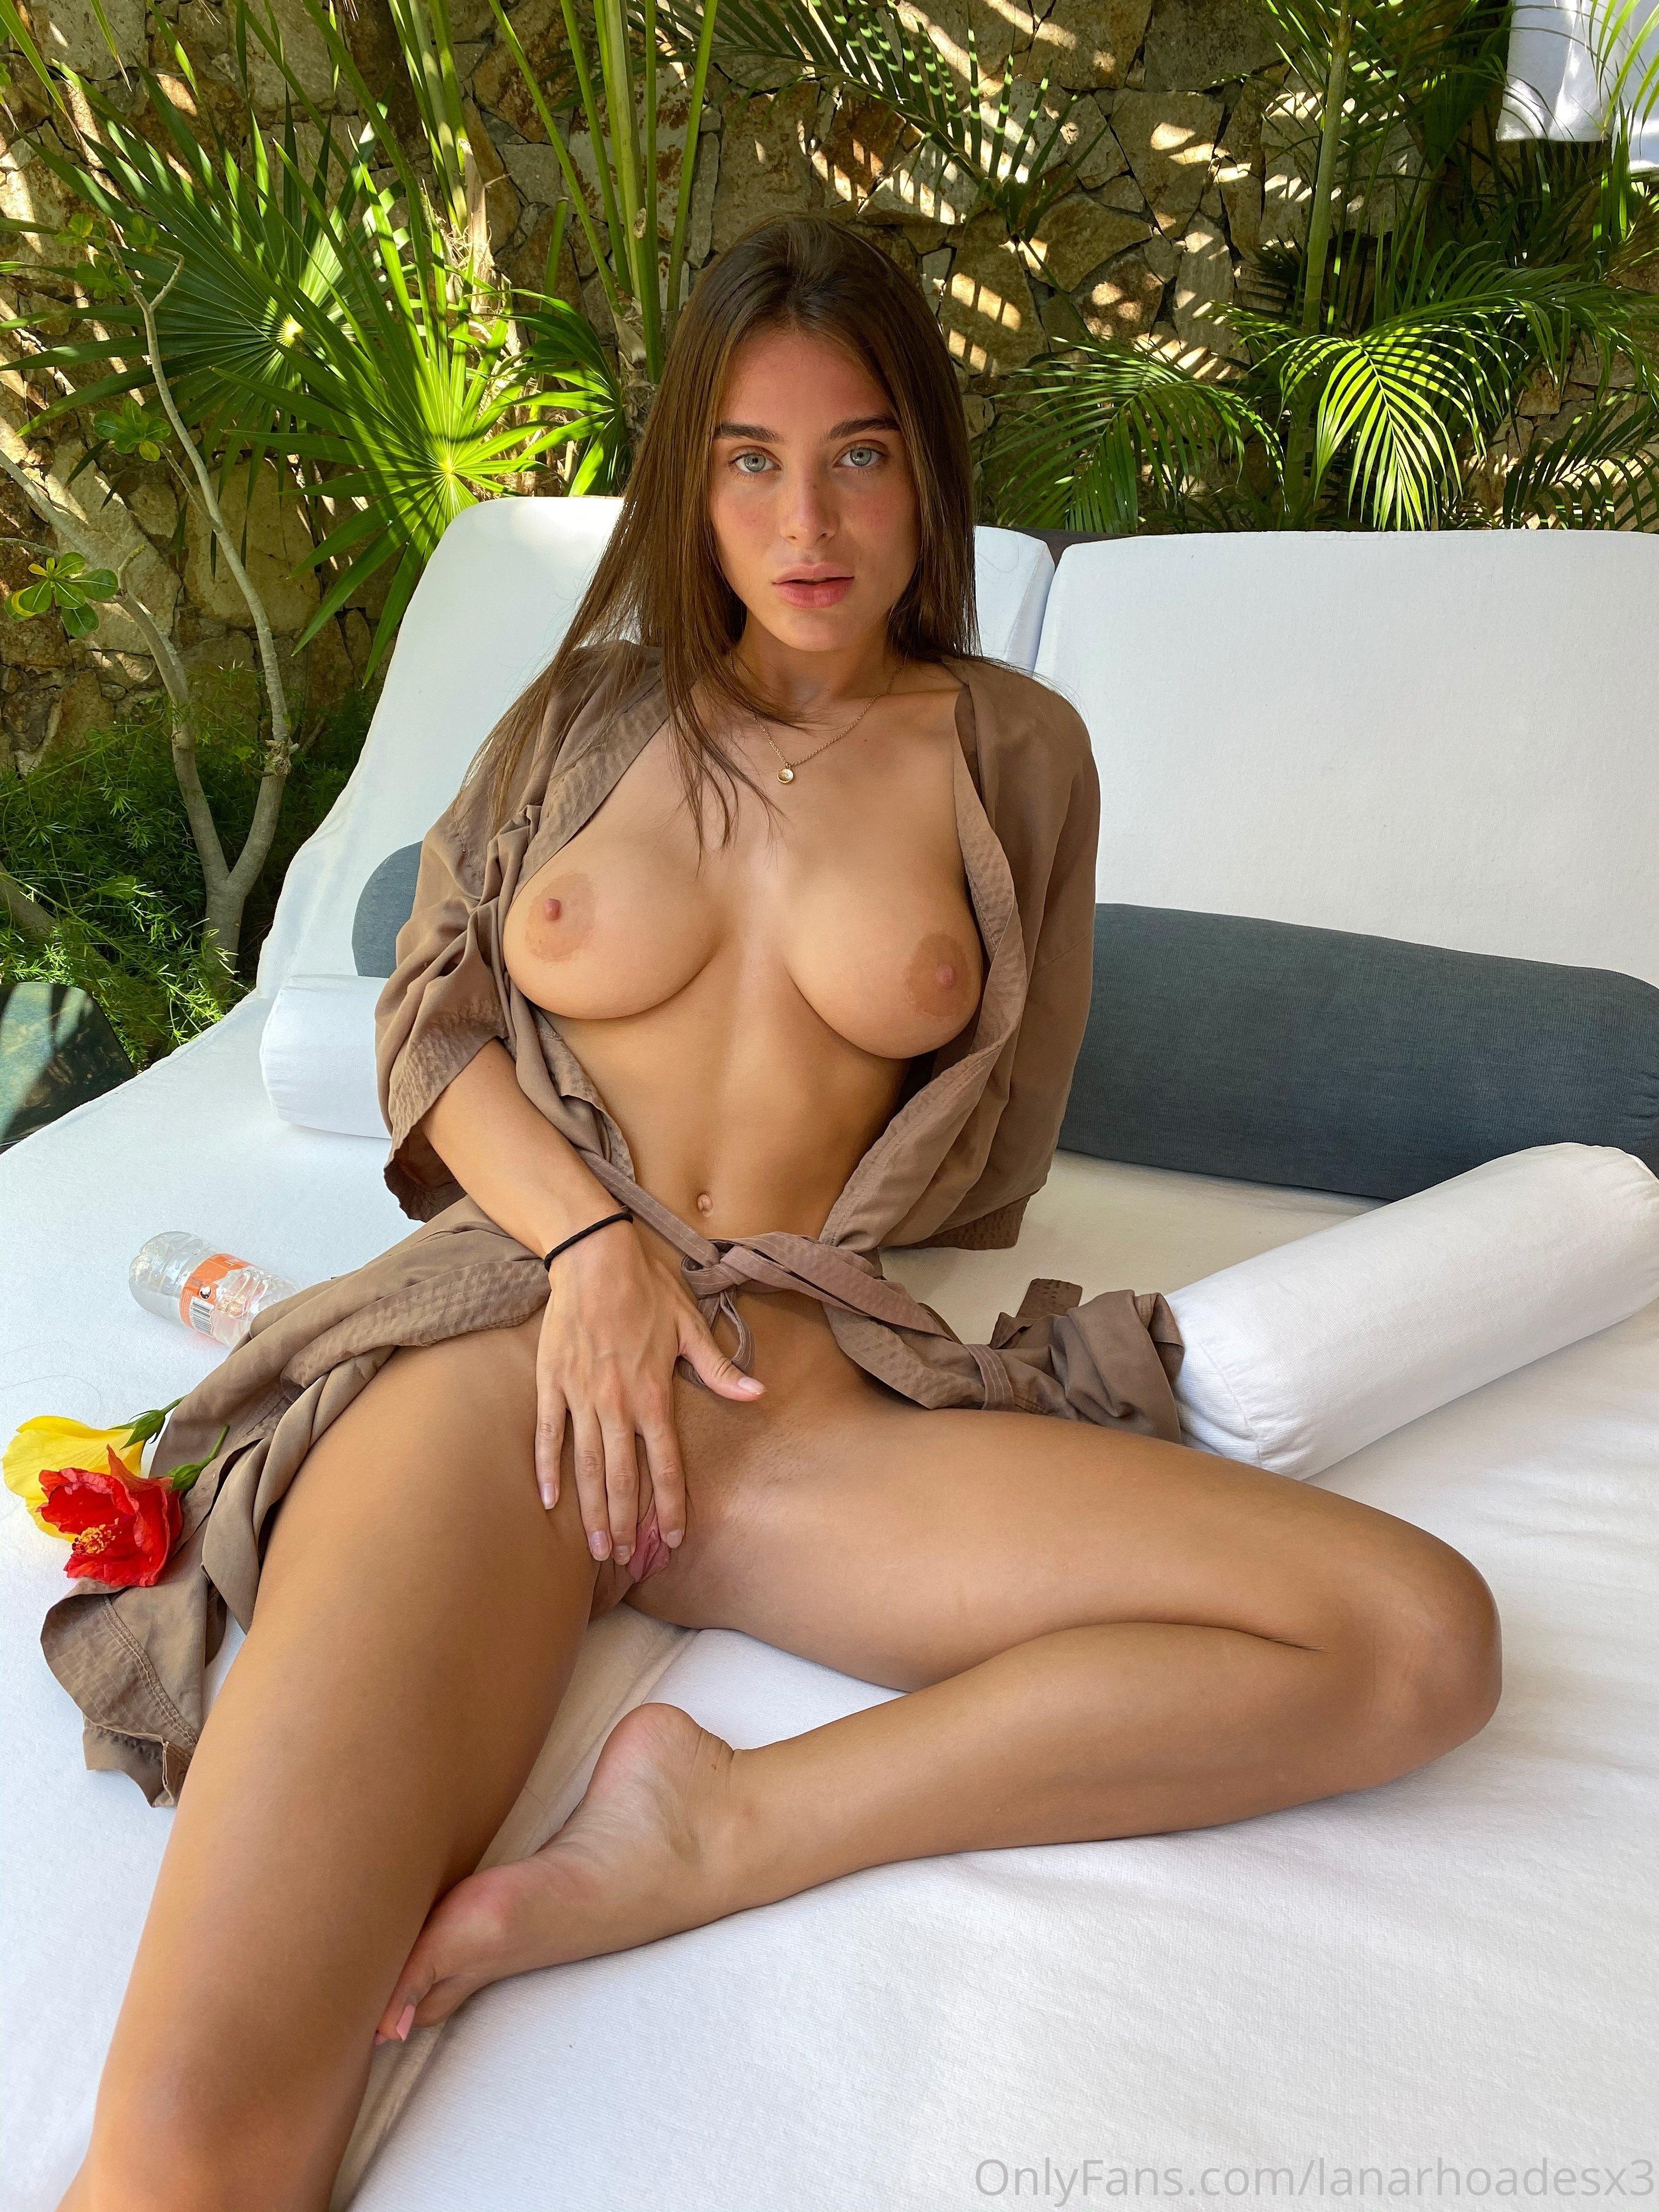 Lana Rhoades, Lanarhoades, Onlyfans Nude Leaks 0008